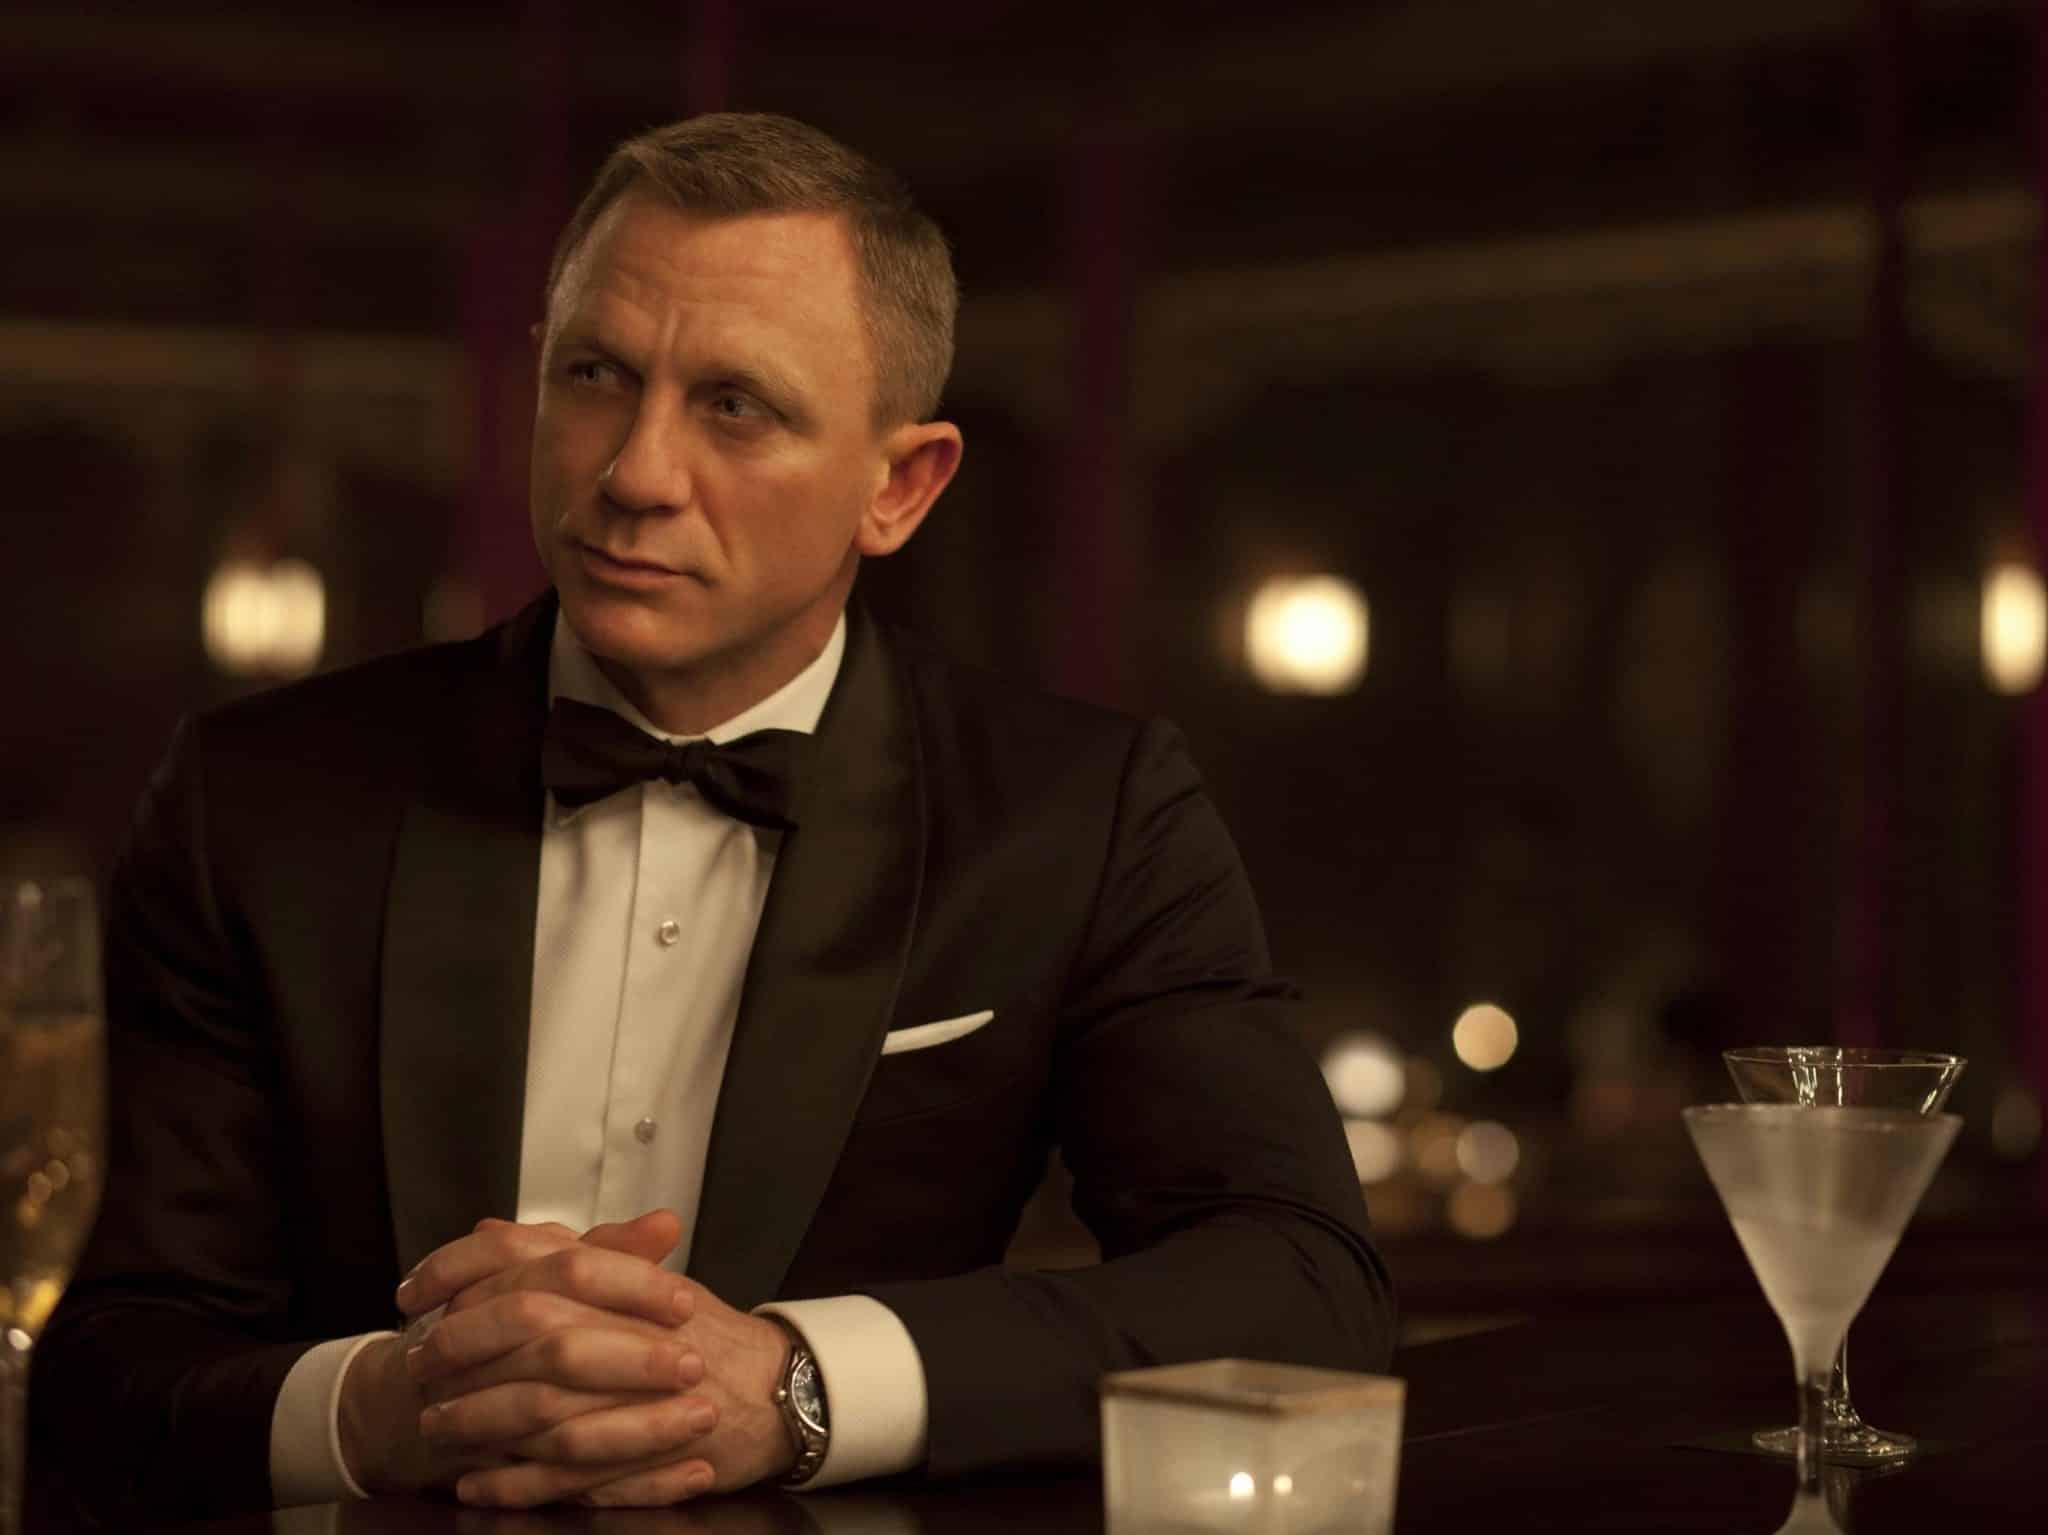 Skyfall - James Bond agente 007